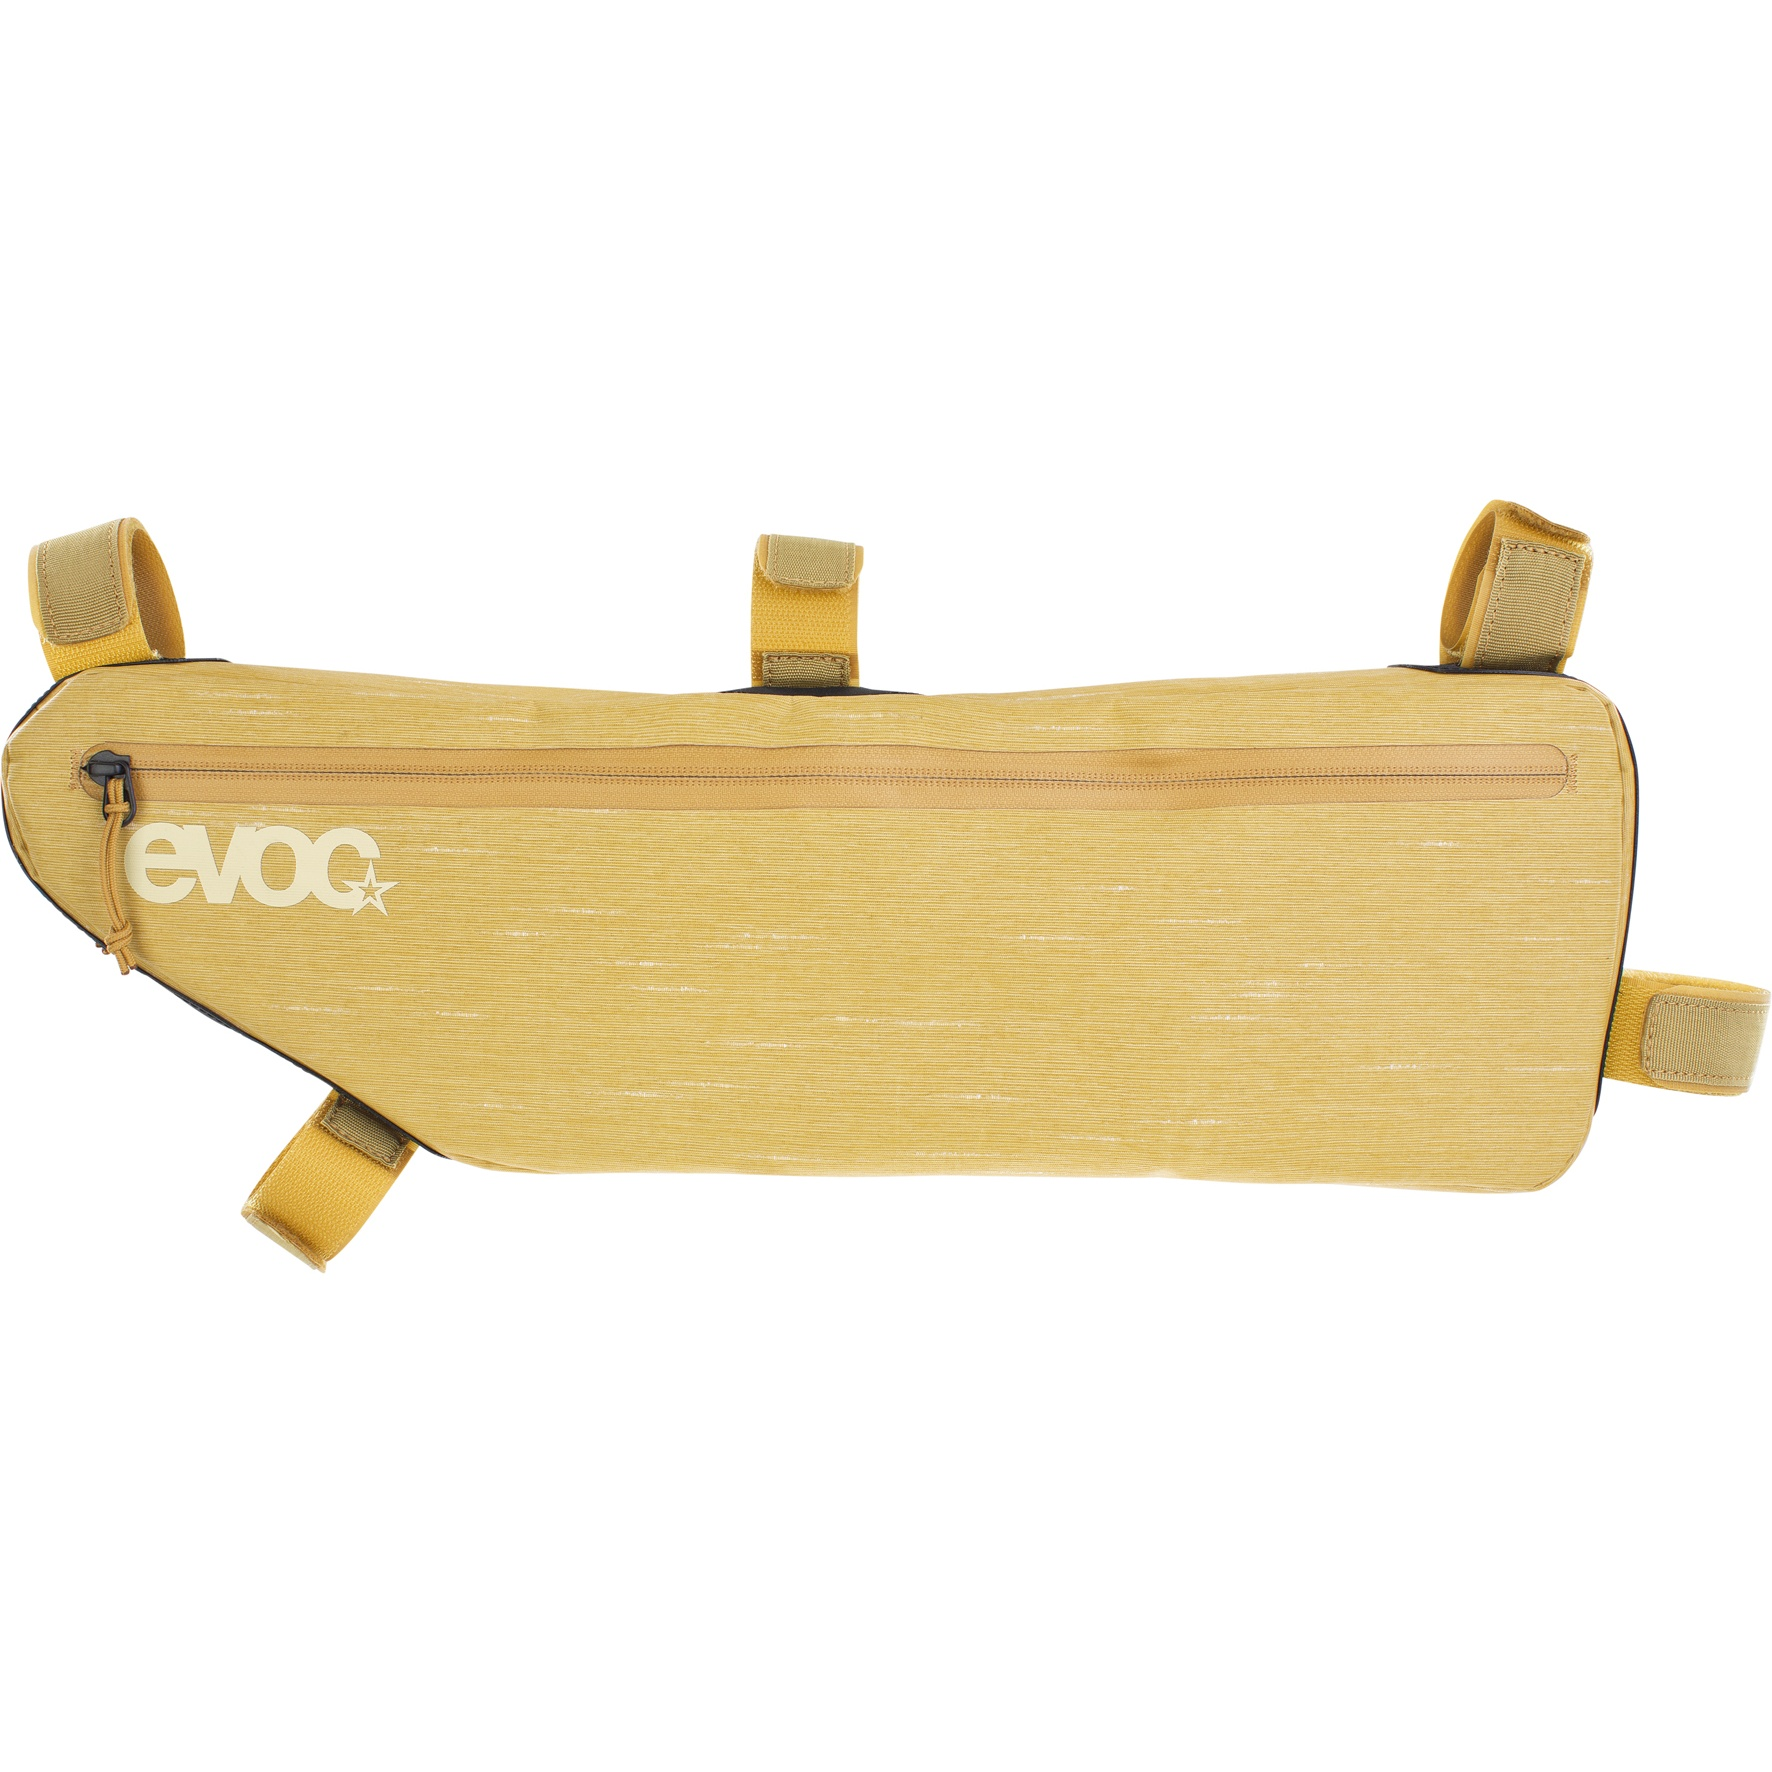 Image of Evoc FRAME PACK M 3.5L - Loam